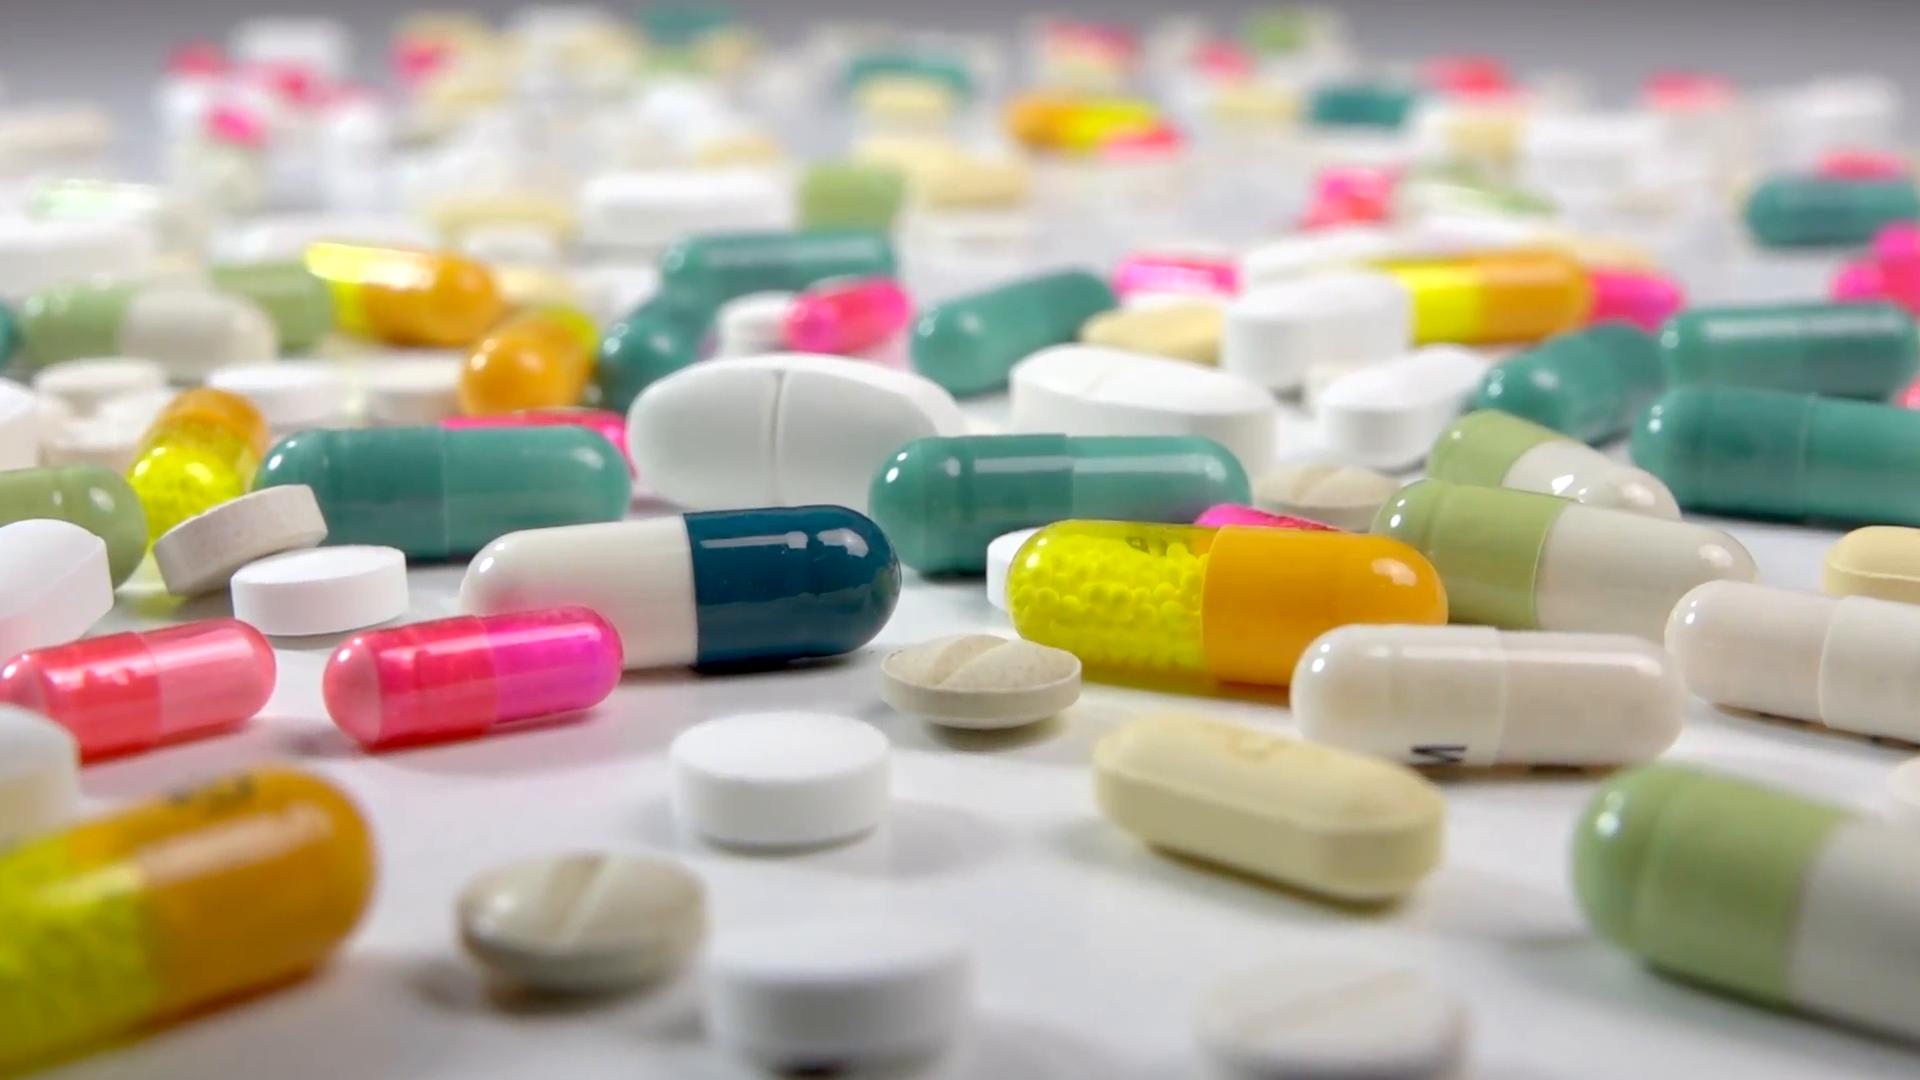 داروها با واکسن کرونا تداخل دارند؟